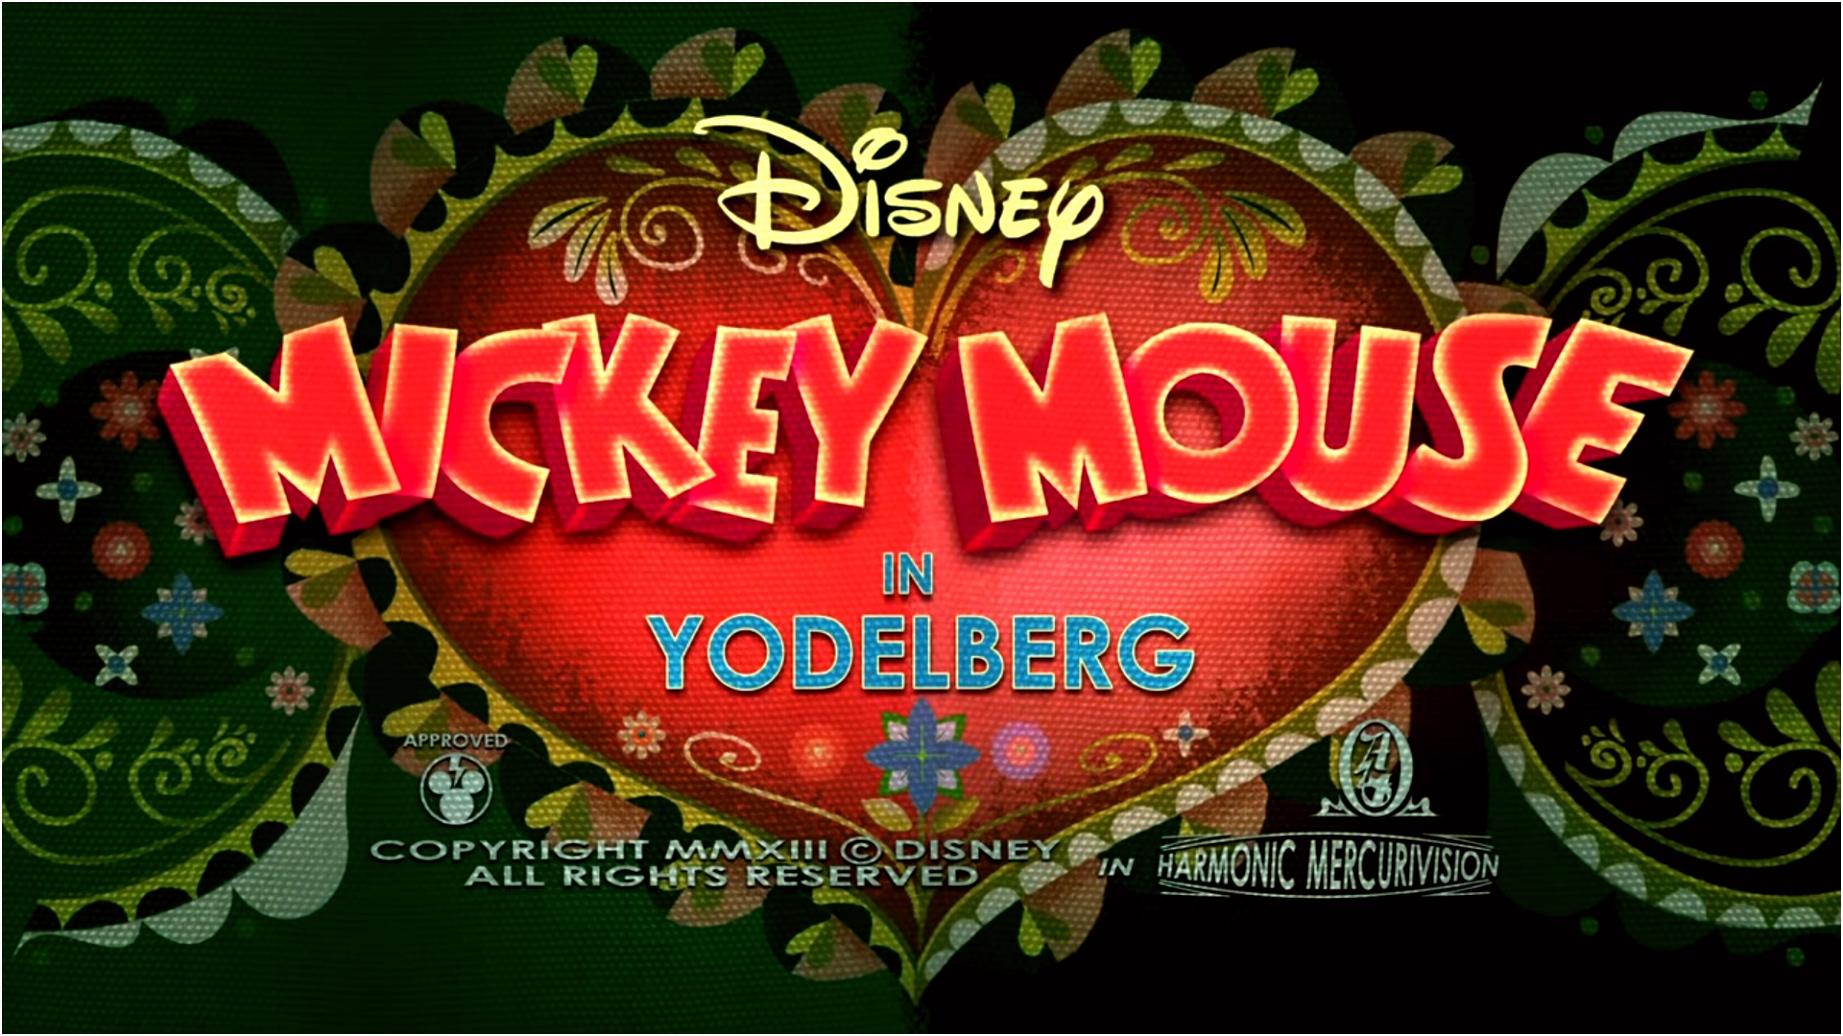 Yodelberg Disney Wiki